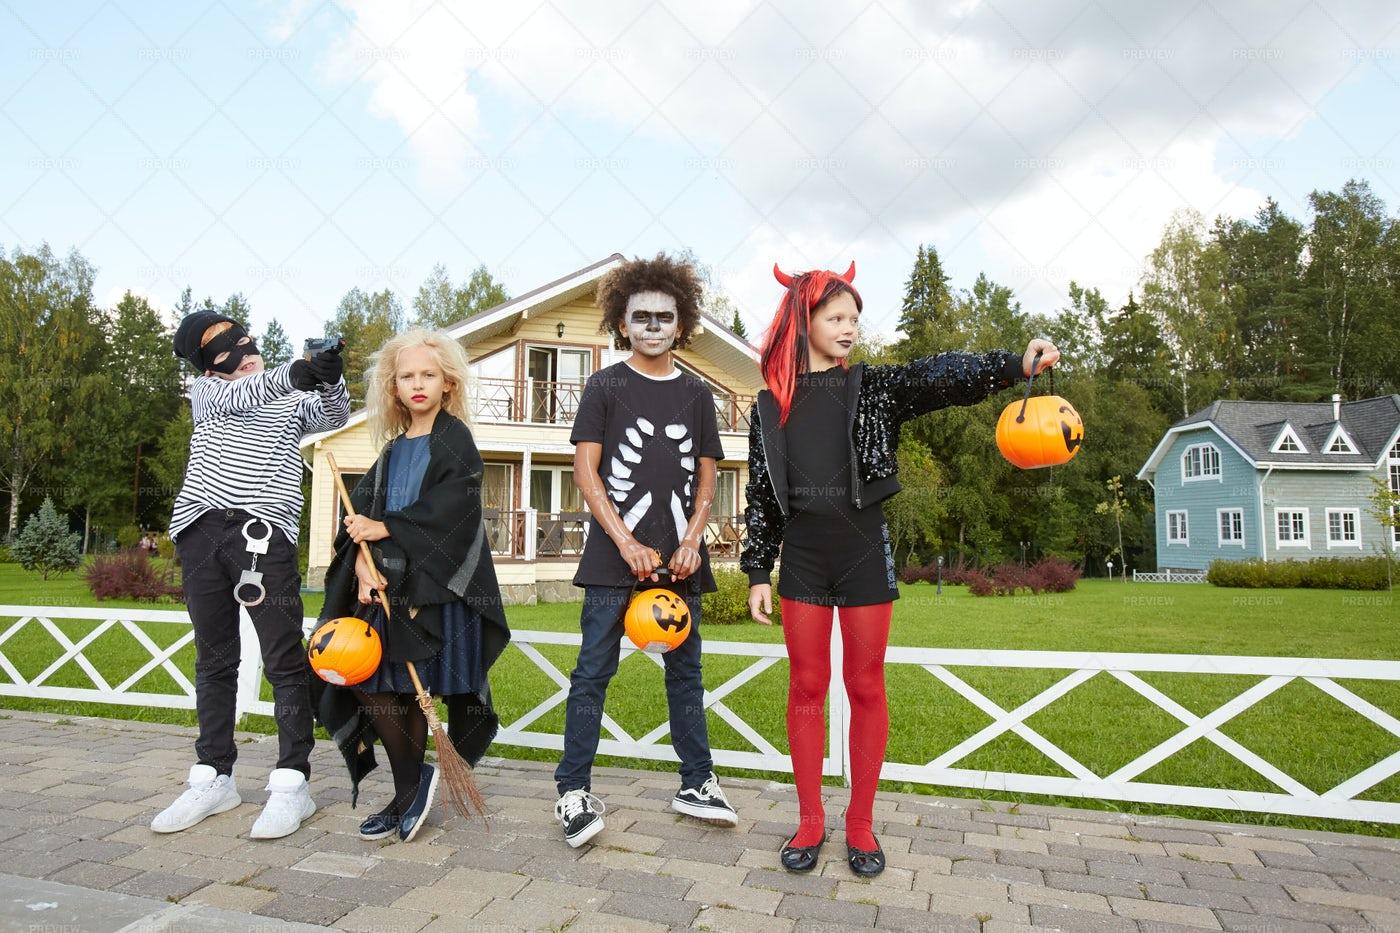 Group Of Kids Enjoying Halloween: Stock Photos